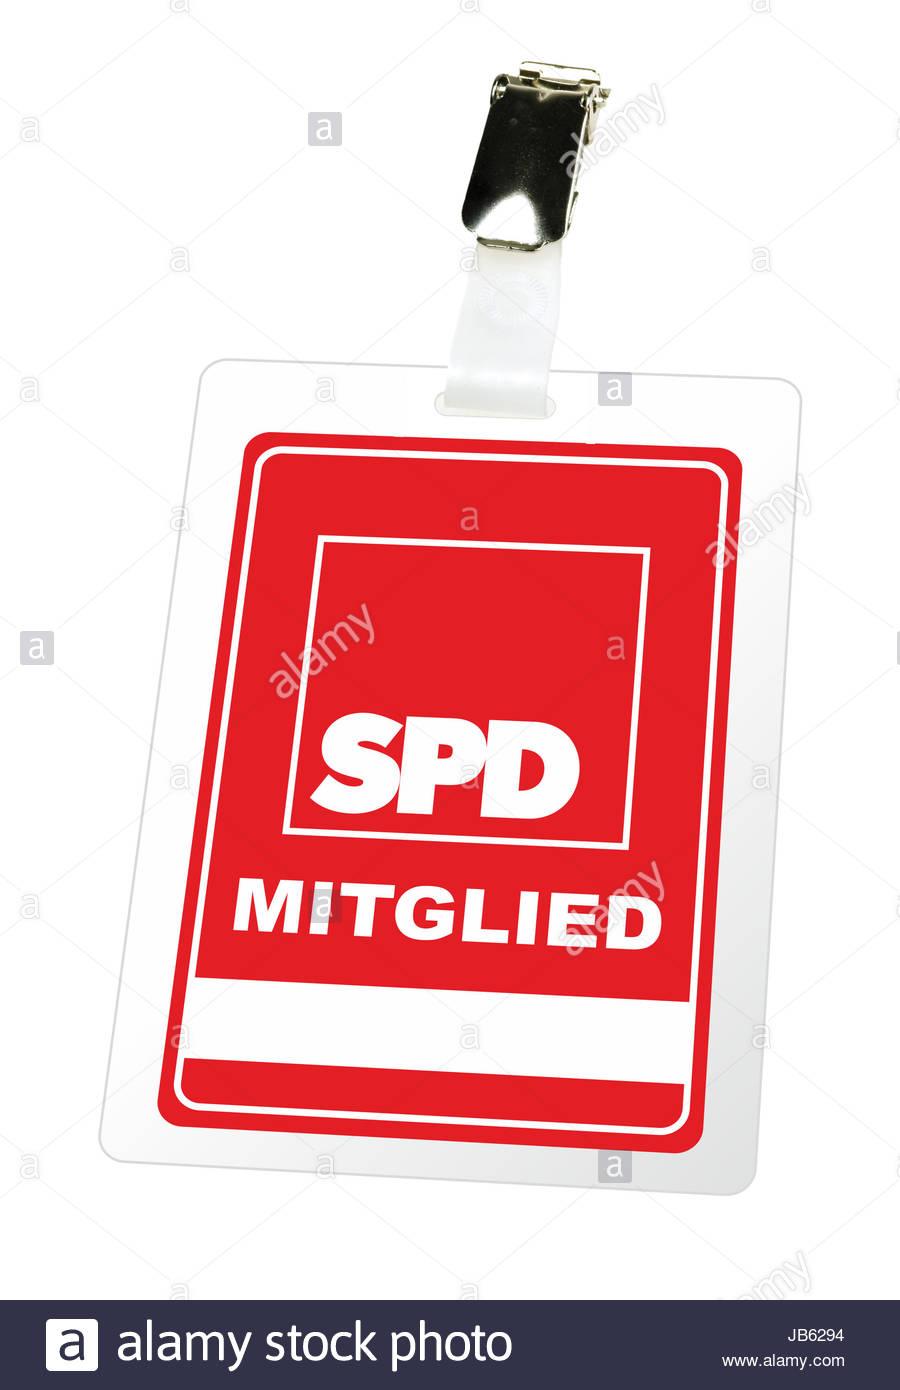 Illustrierte Darstellung eines Mitgliedsausweises der SPD mit einem Clip und einem Freifeld fuer Namen. - KEIN ORIGINAL - Stock Image